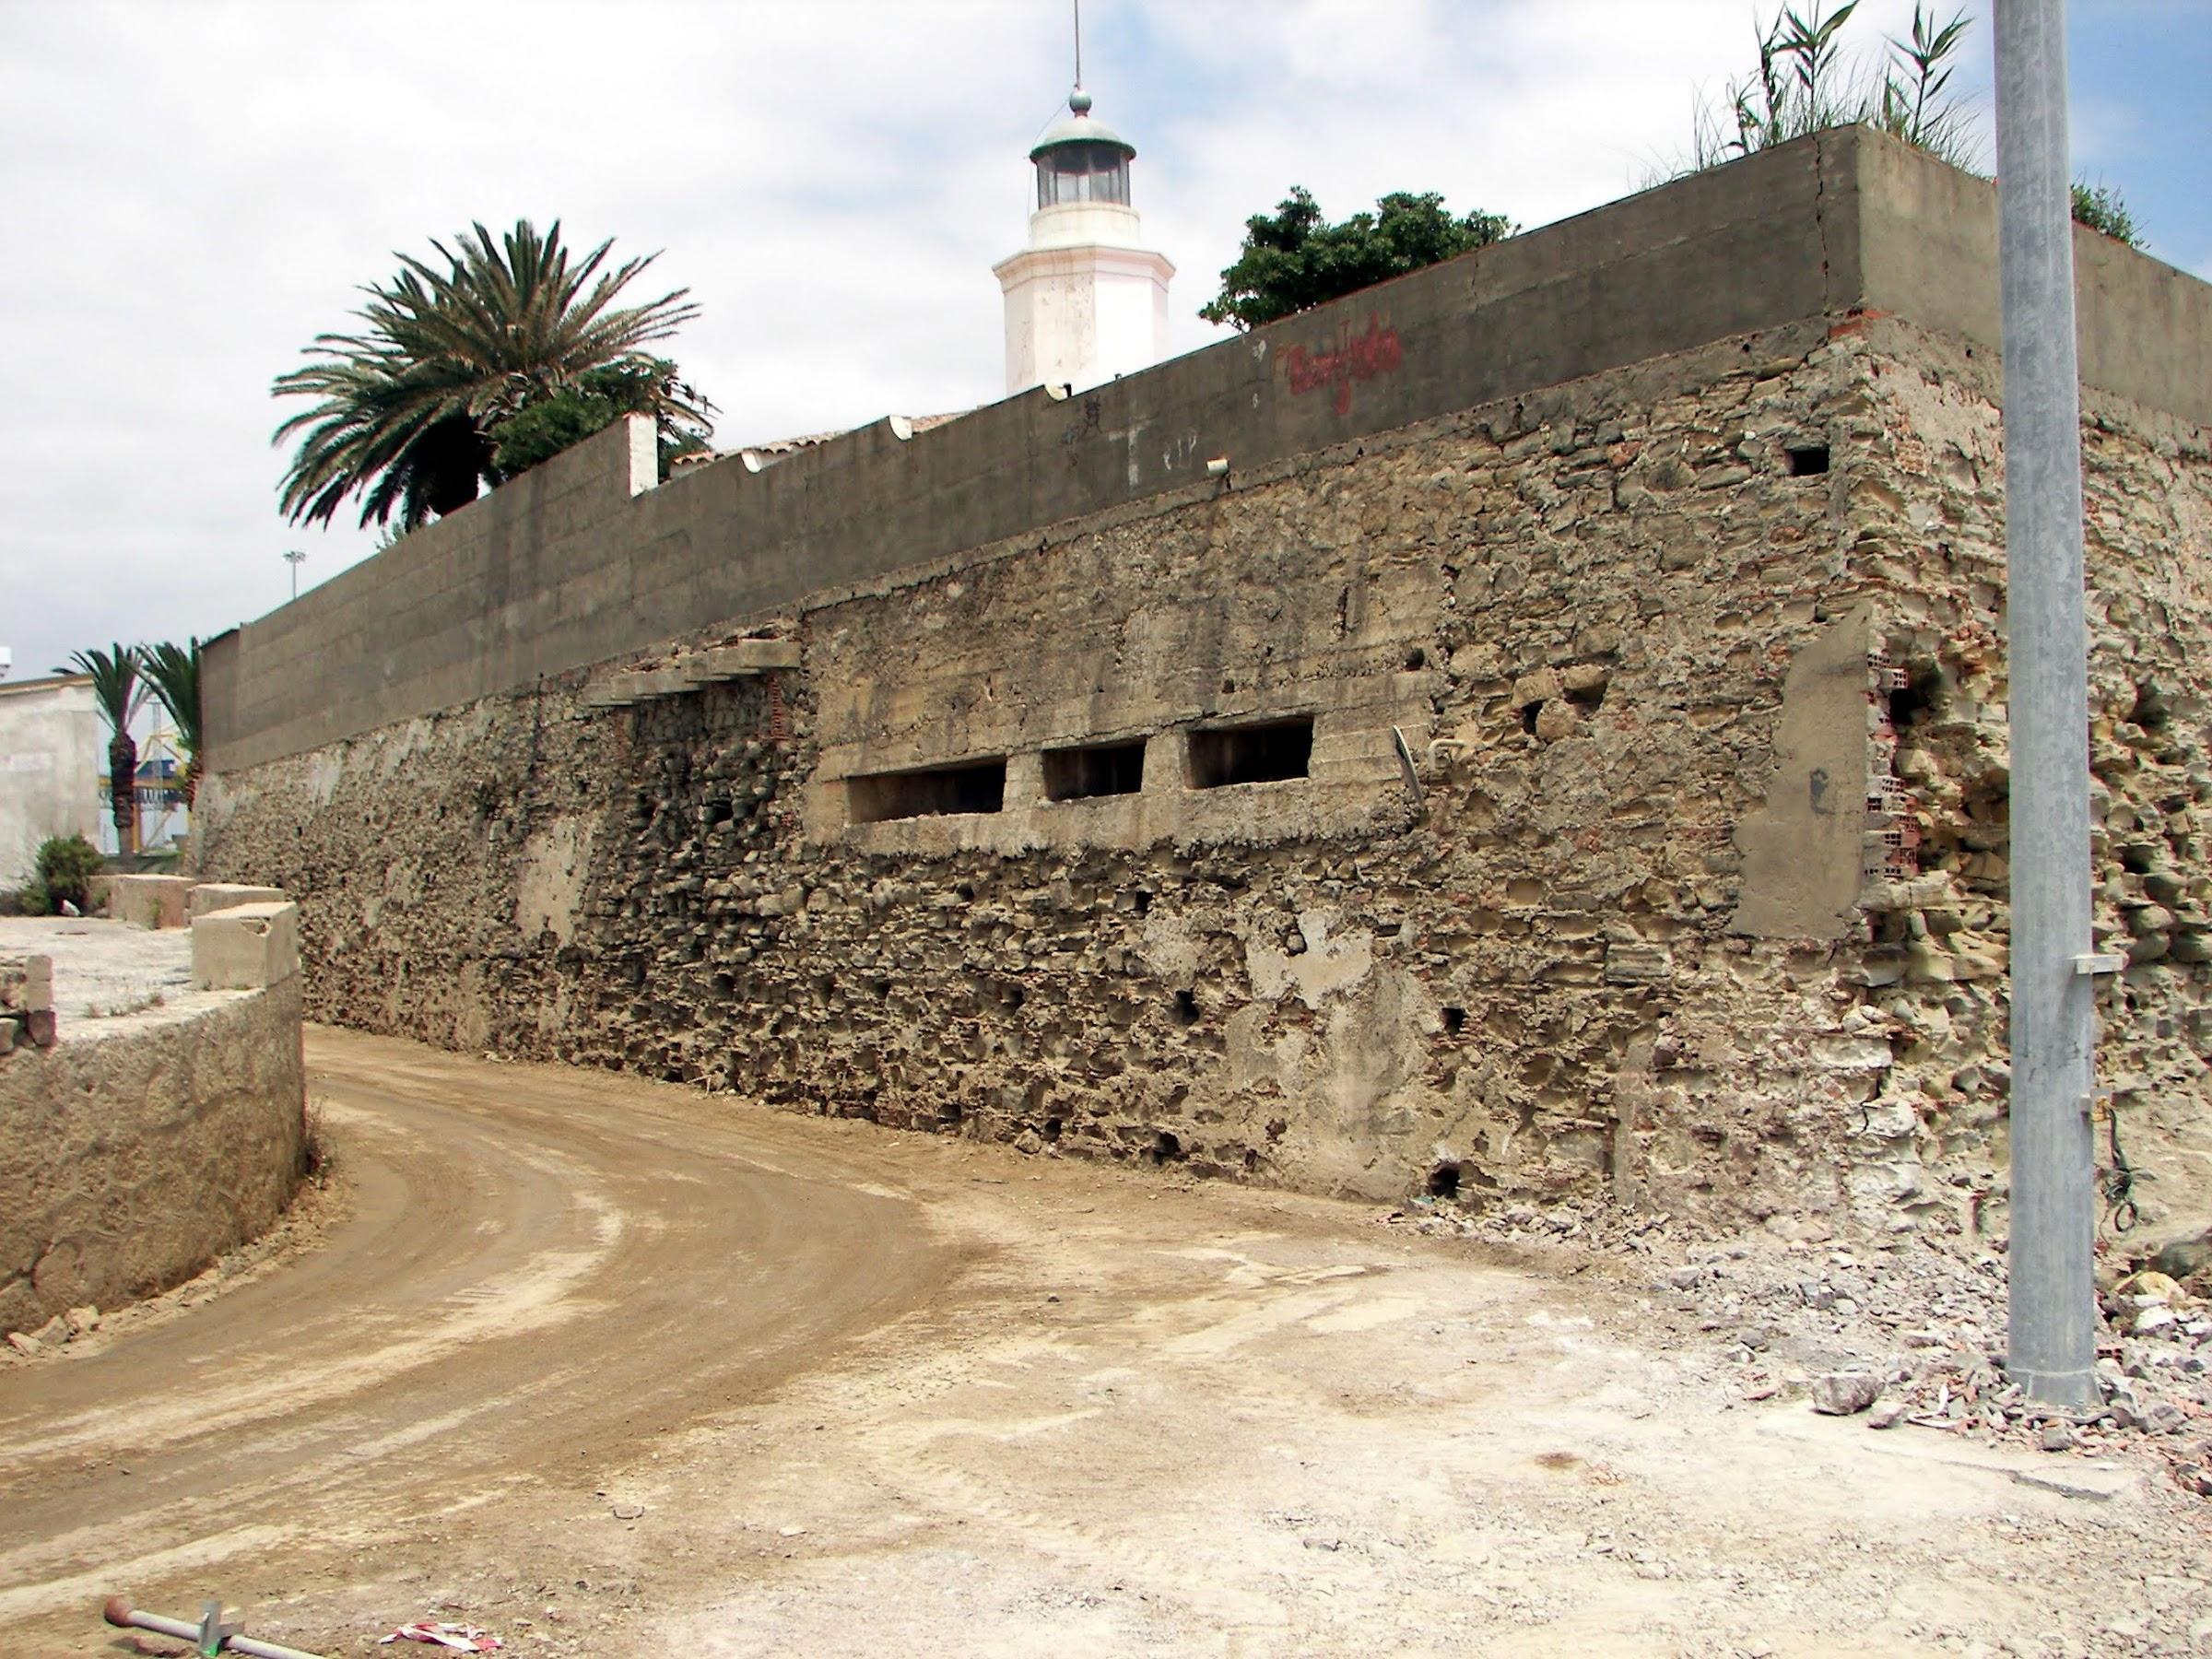 El programa '1'5% Cultural' de Fomento financiará la 2ª fase de recuperación del Fuerte de Isla Verde